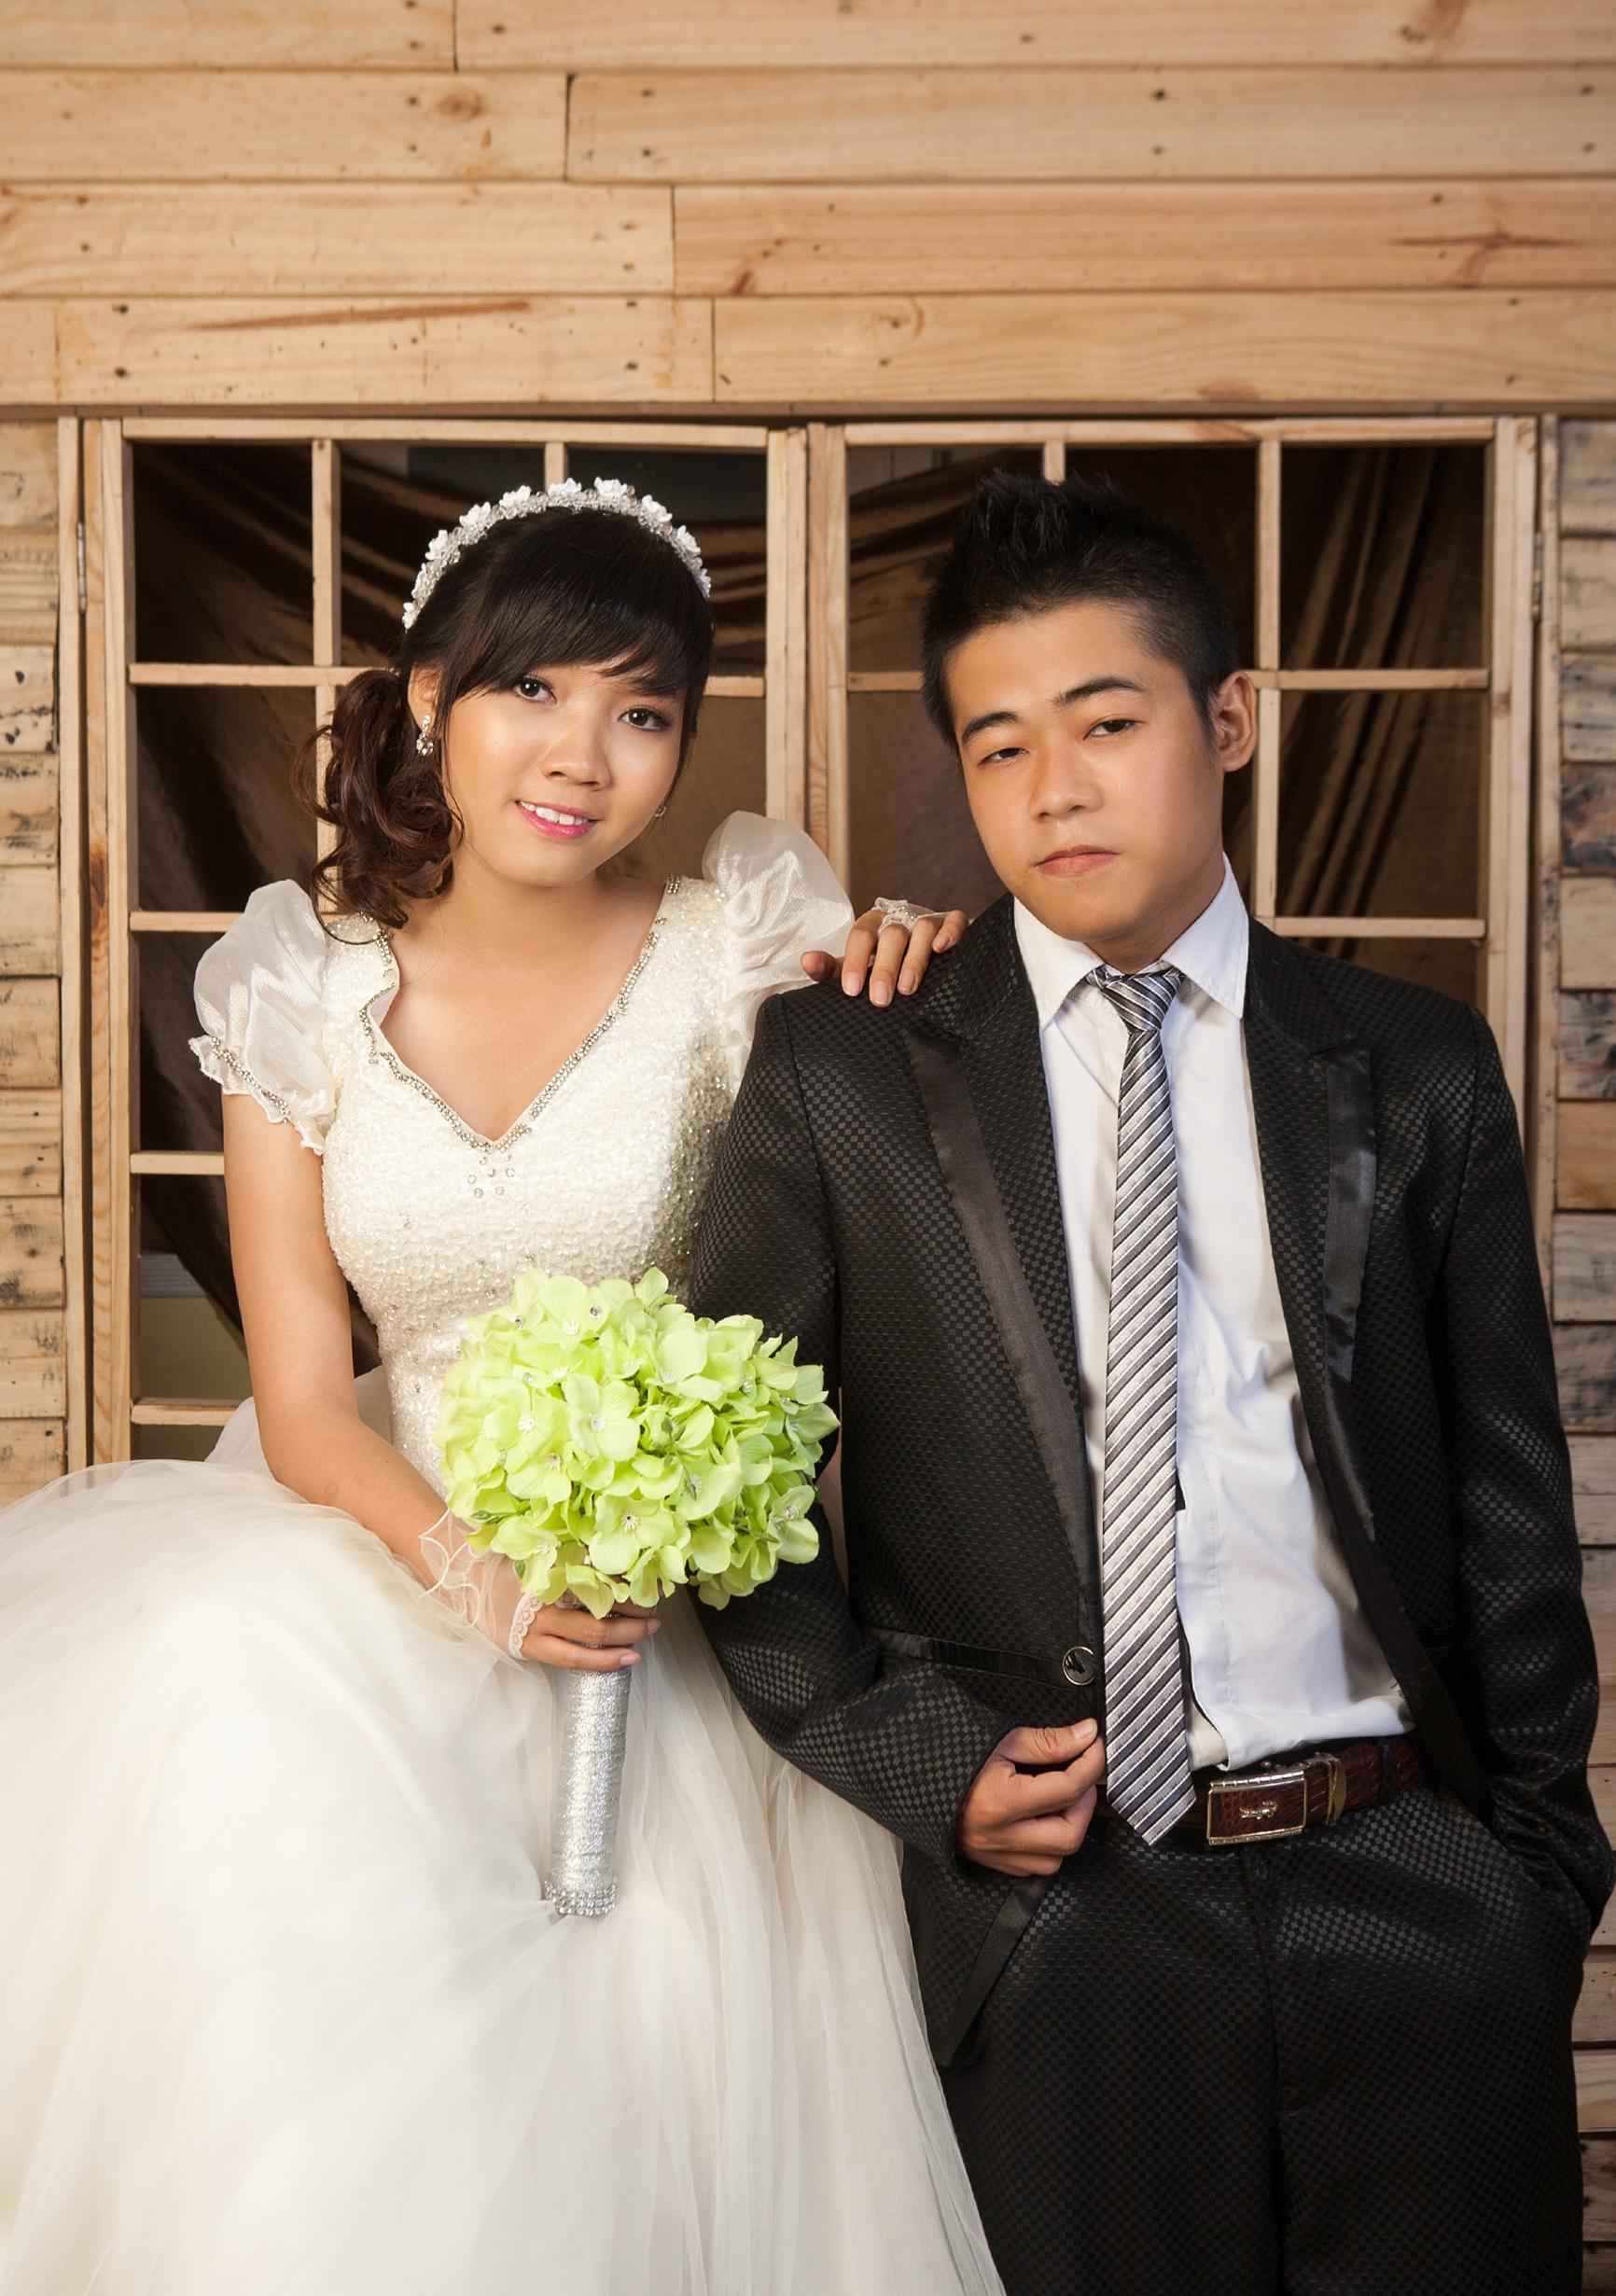 thiệp cưới bắt mắt